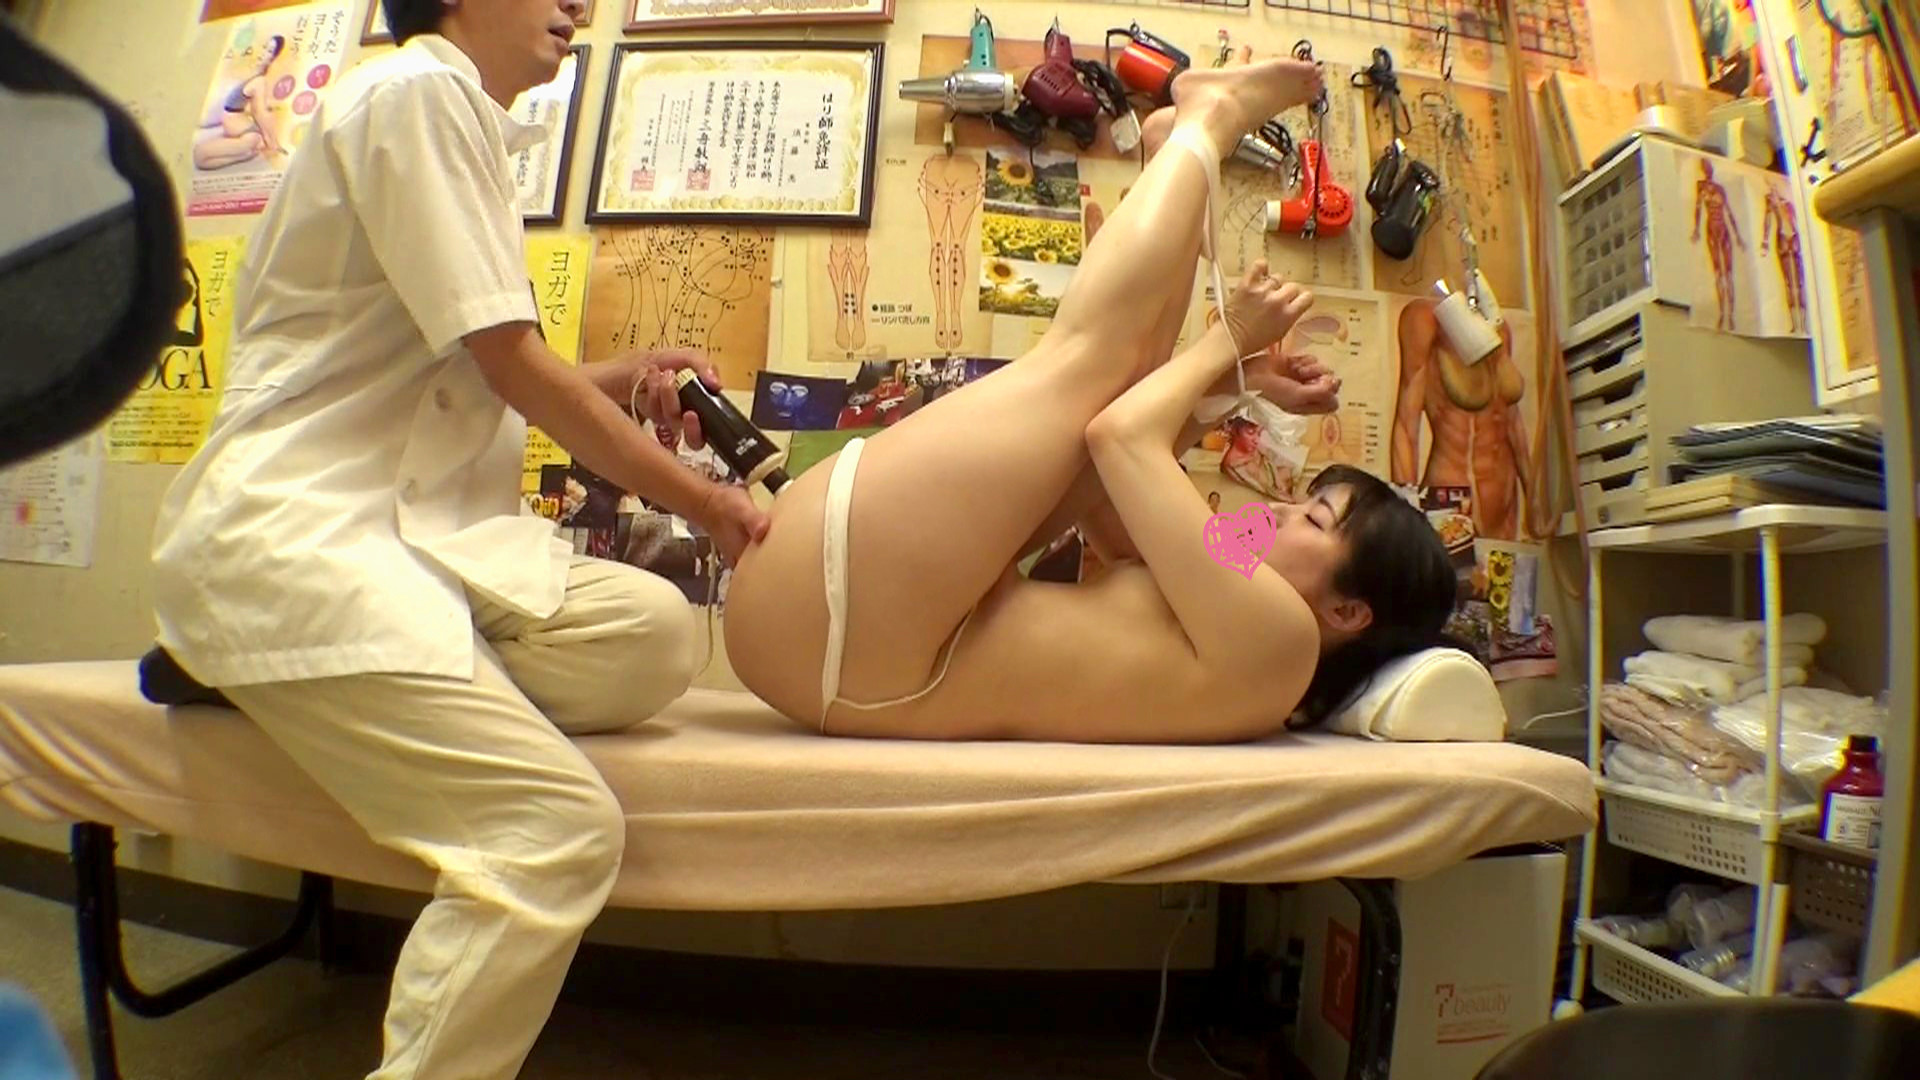 鍼灸院すどう盗撮り下ろし 5 いい所を責めると足がピーンだね